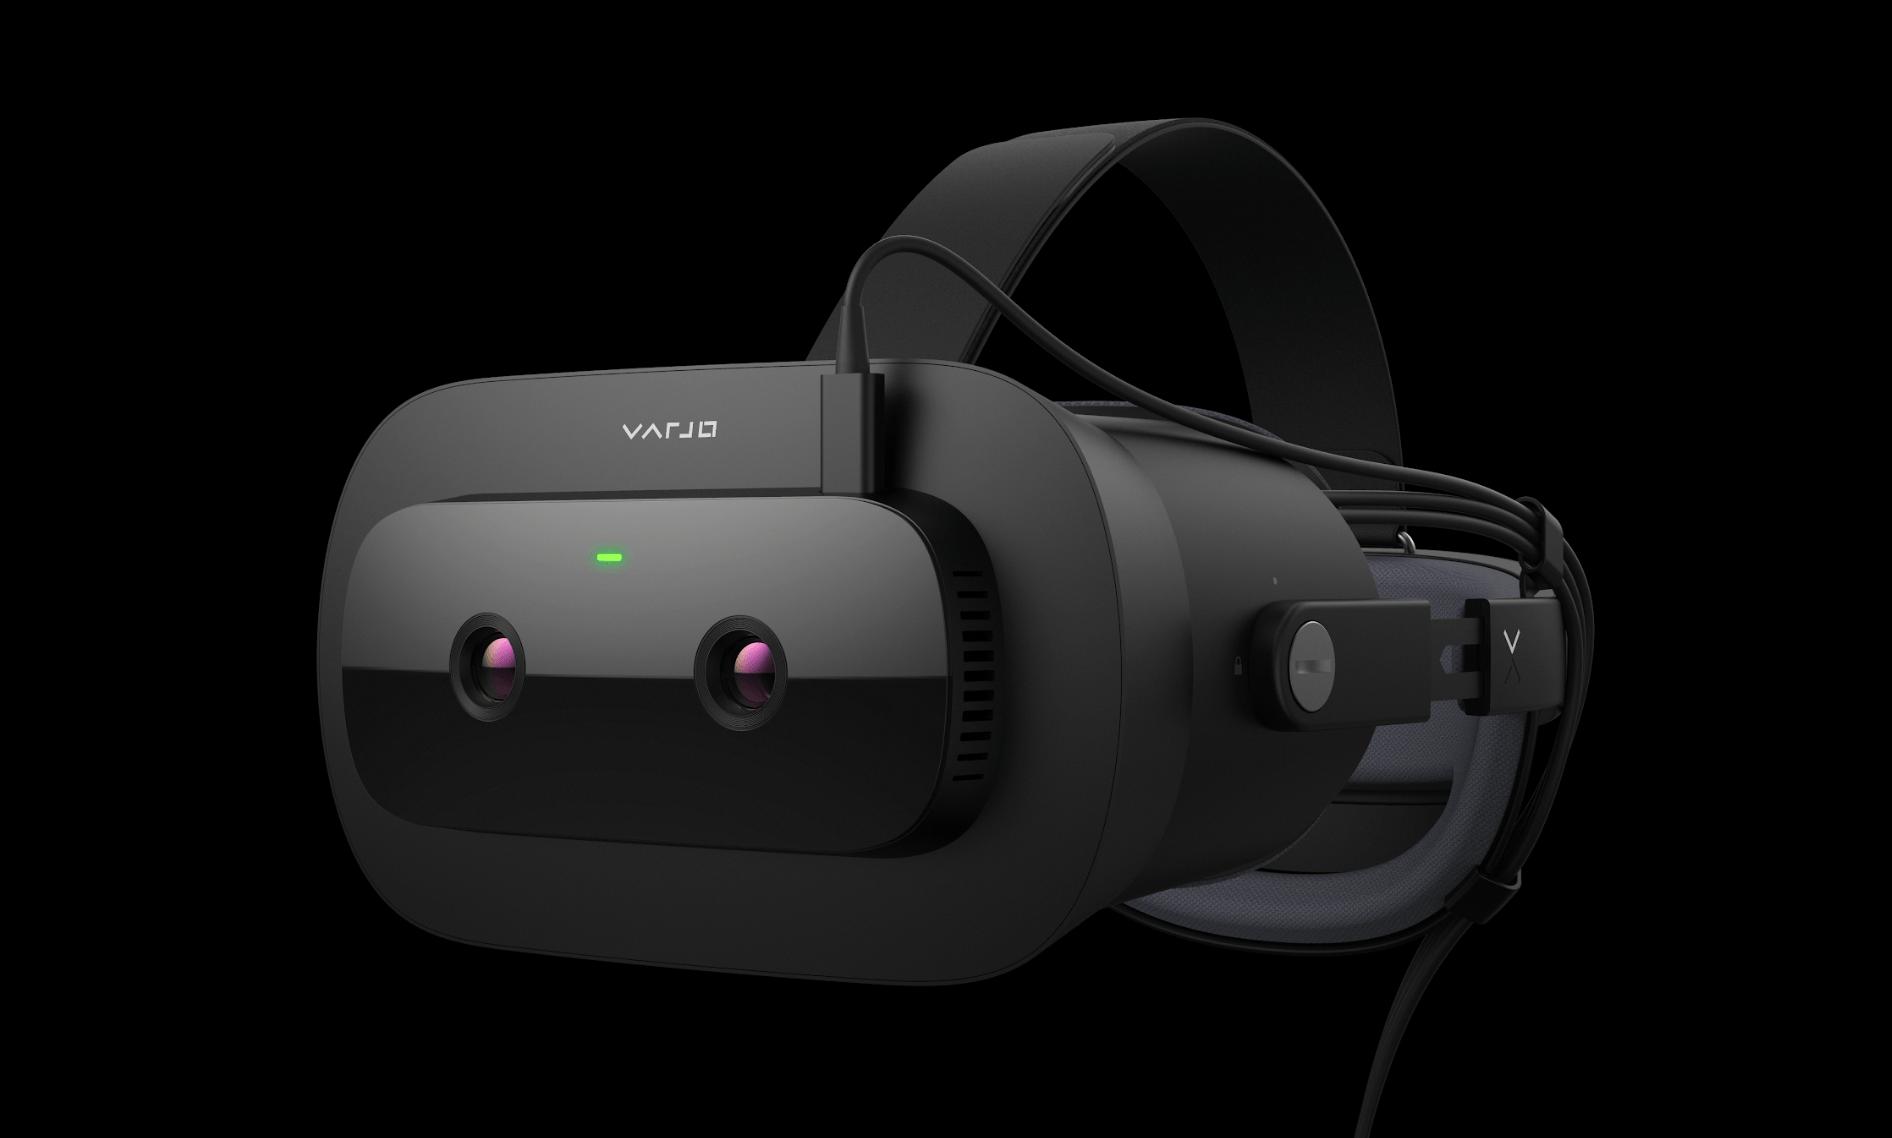 XR-1 Varjo - VR/AR